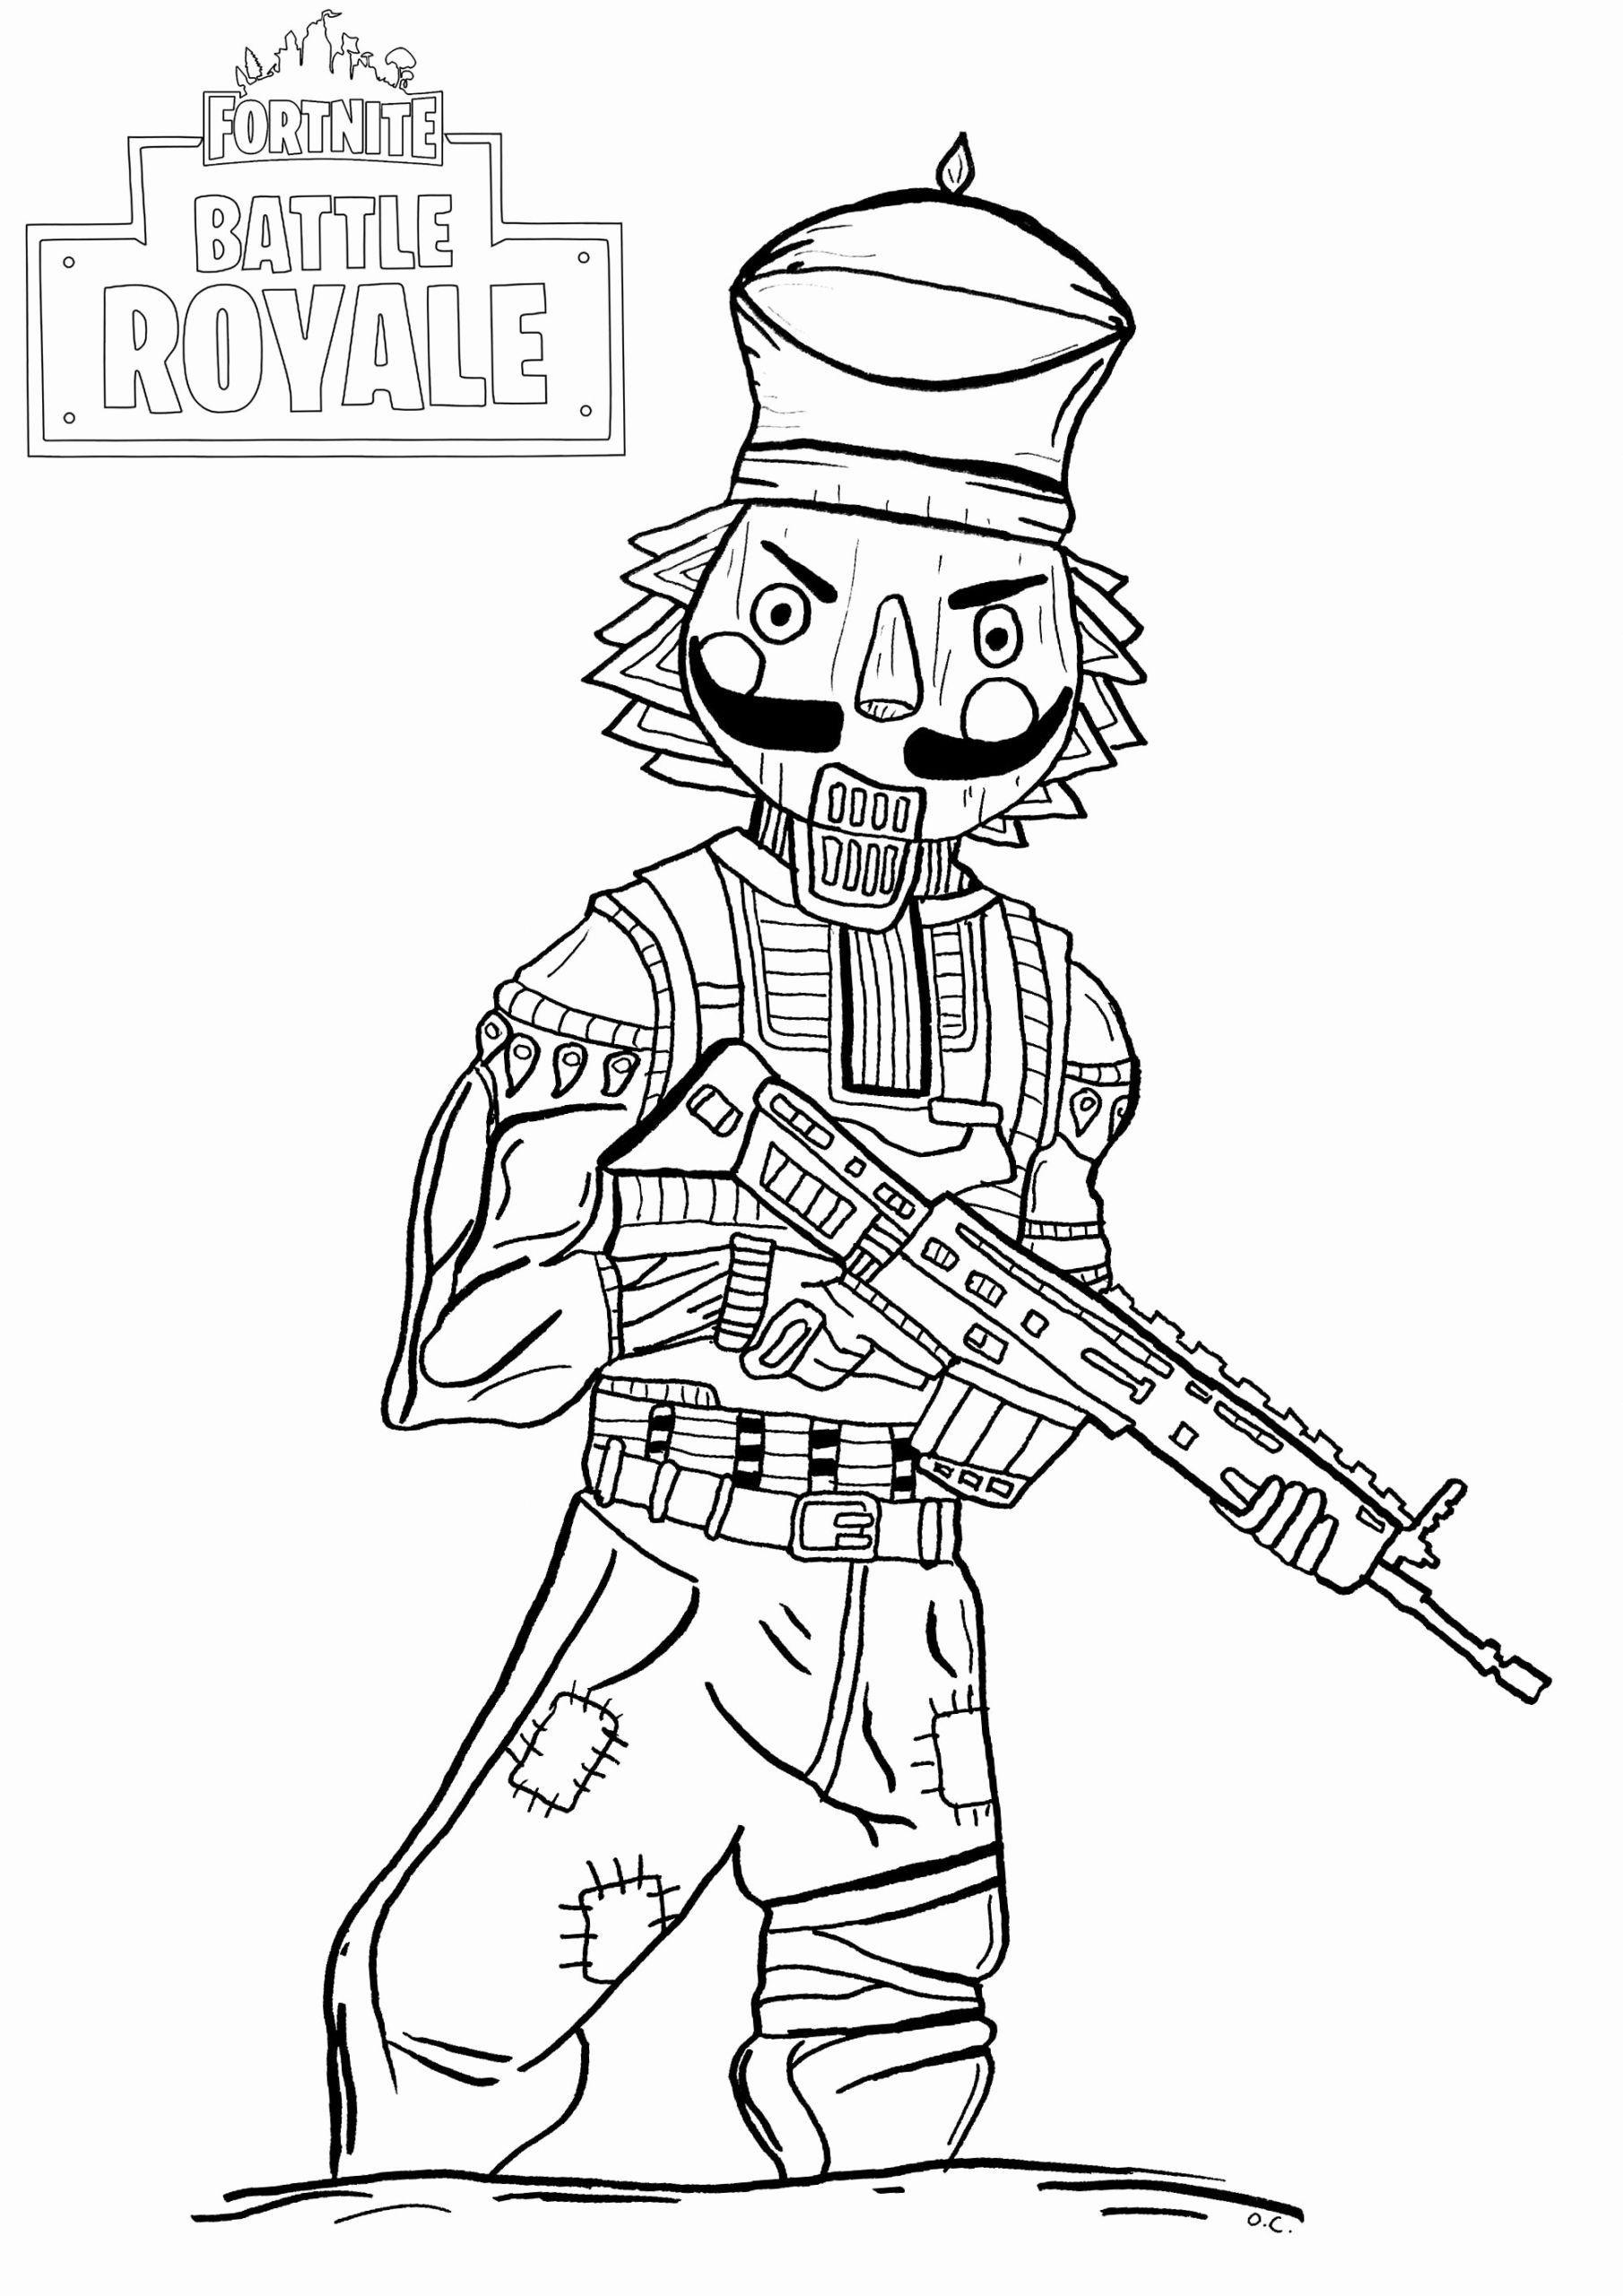 Printable Fortnite Coloring Pages Fresh Fortnite Battle Royale Crackshot Fortnite Battle In 2020 Cartoon Coloring Pages Christmas Coloring Pages Coloring Pages